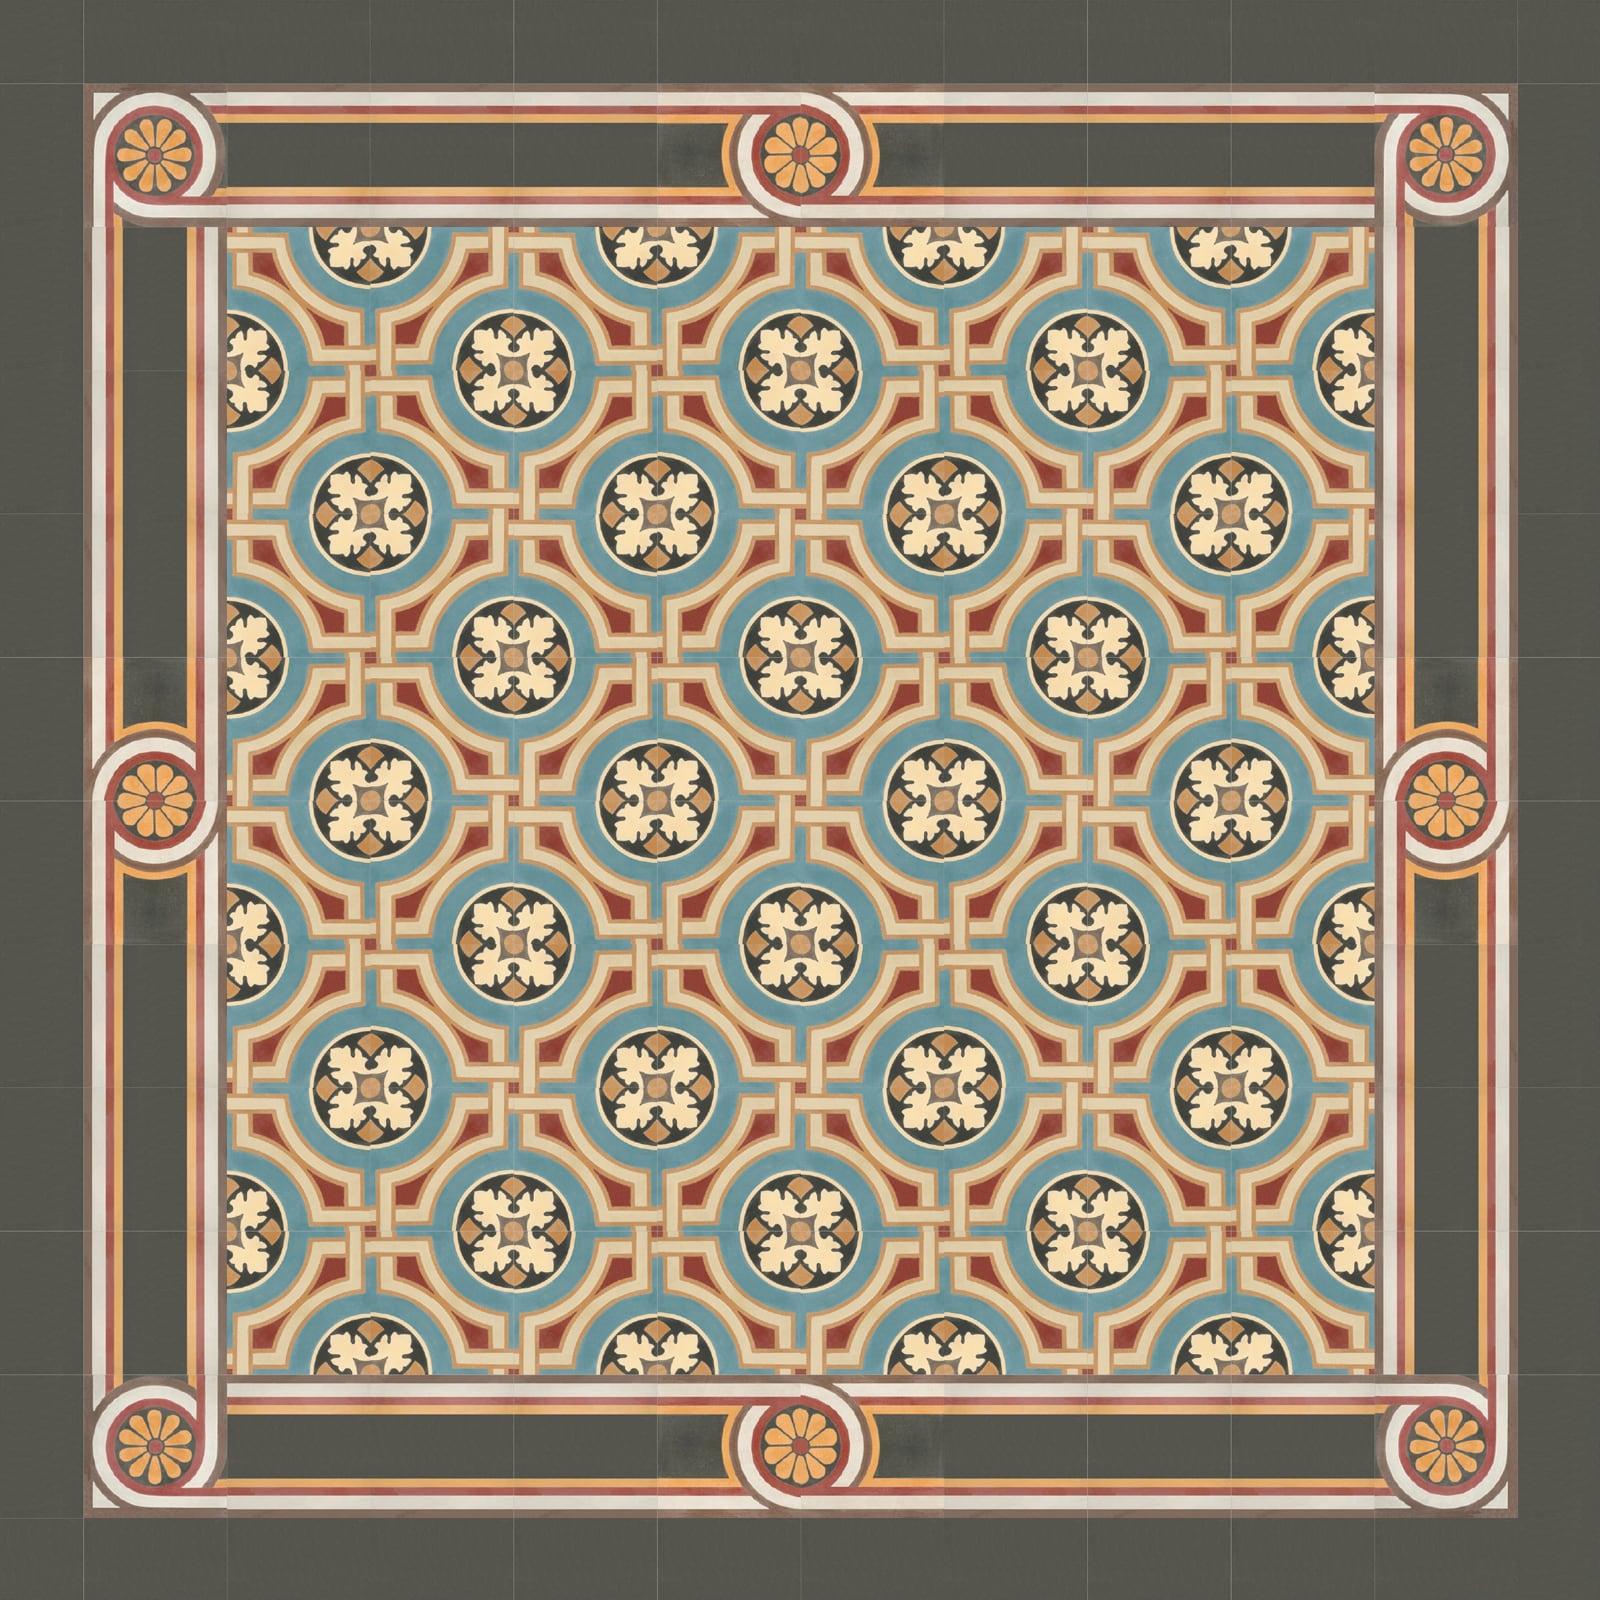 zementmosaikfliesen-nr.51028-viaplatten | 51028/170